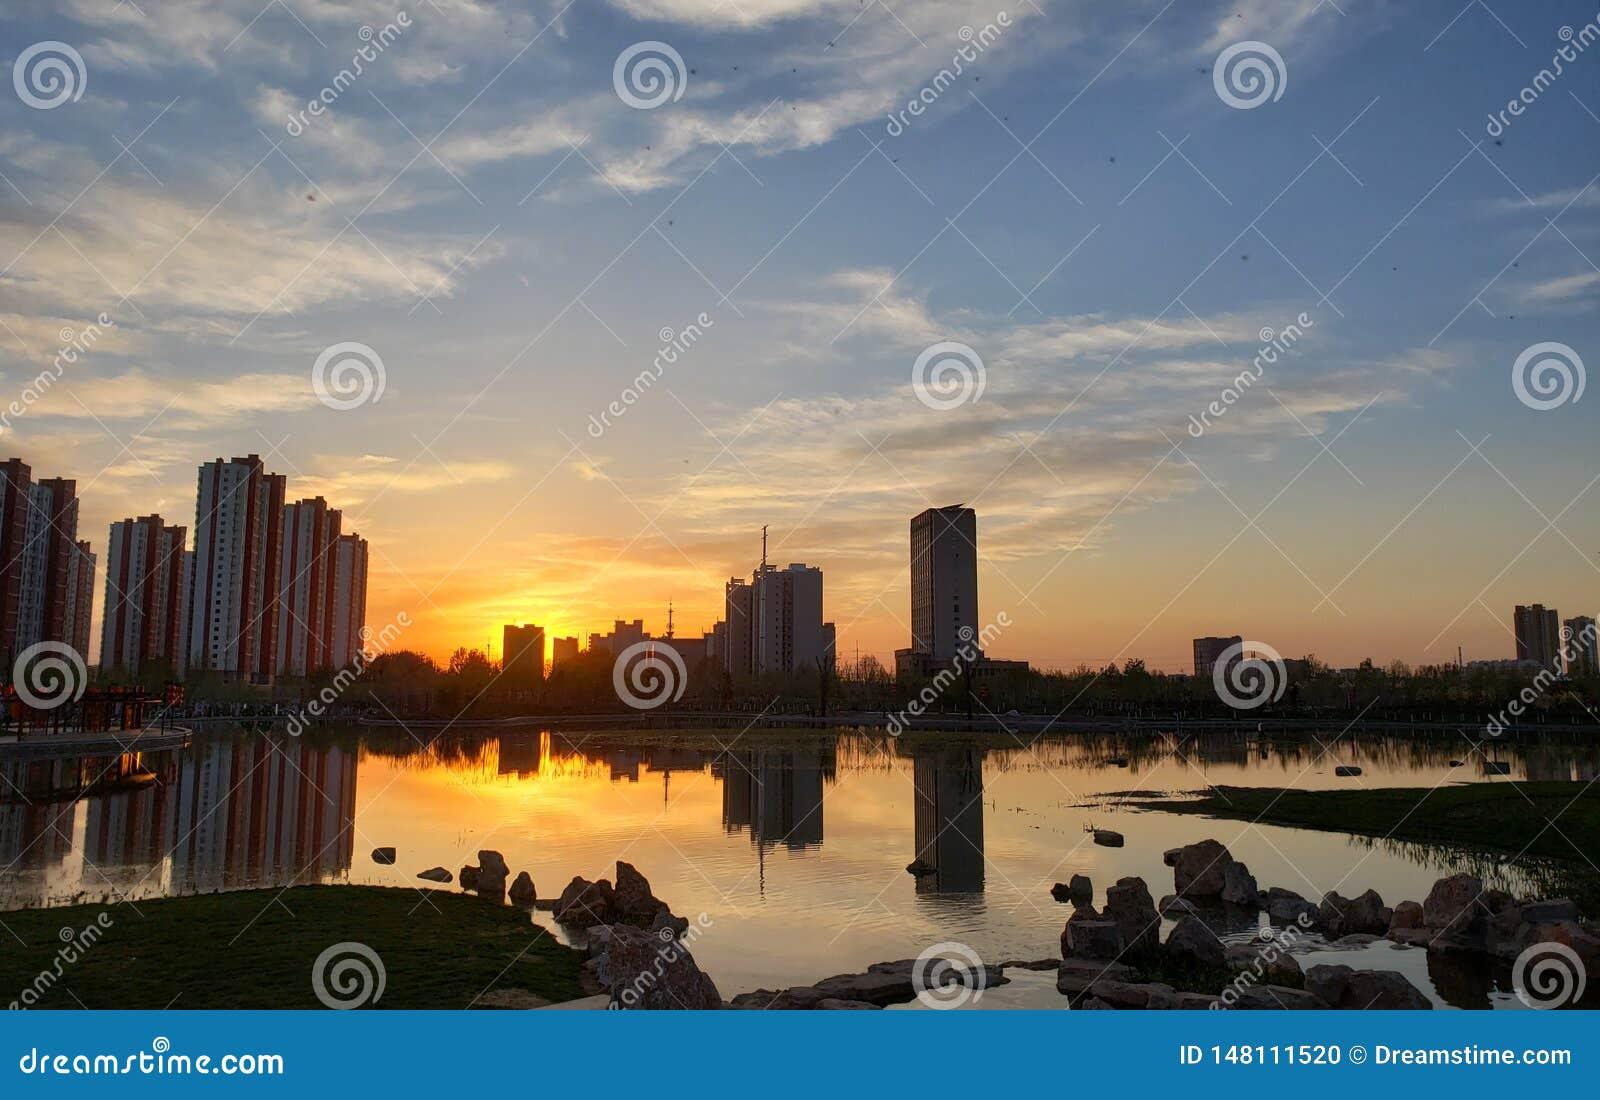 Une zone résidentielle à Jinan, Chine, au coucher du soleil